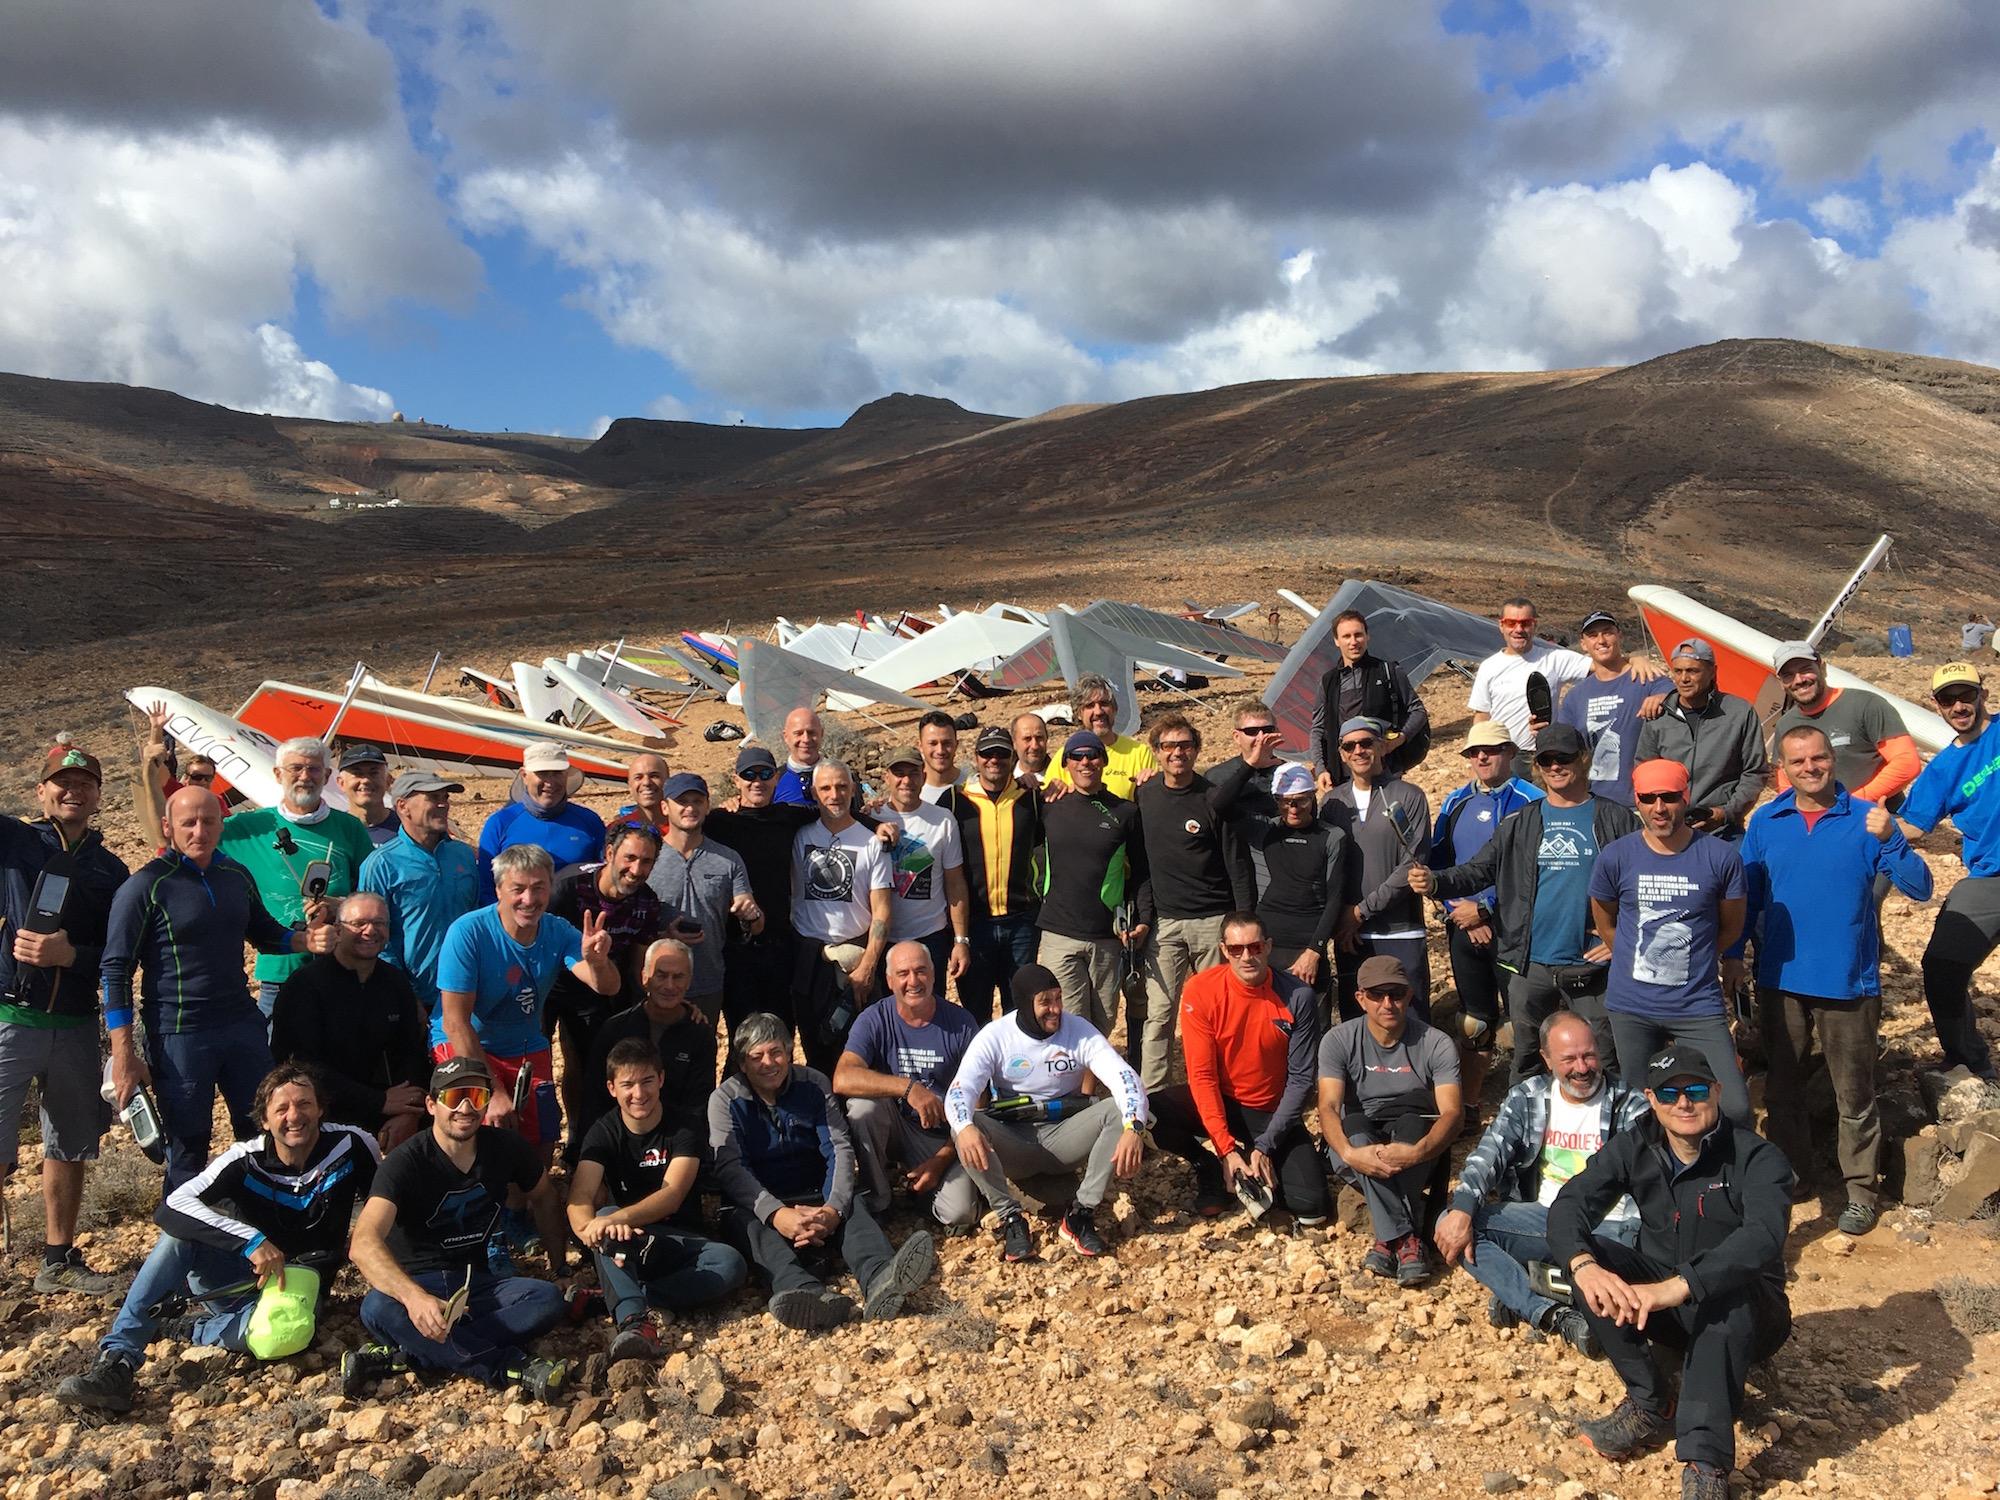 Pilotos 1 - XXIII Abierto Internacional de Ala Delta y el Campeonato de Canarias 2019